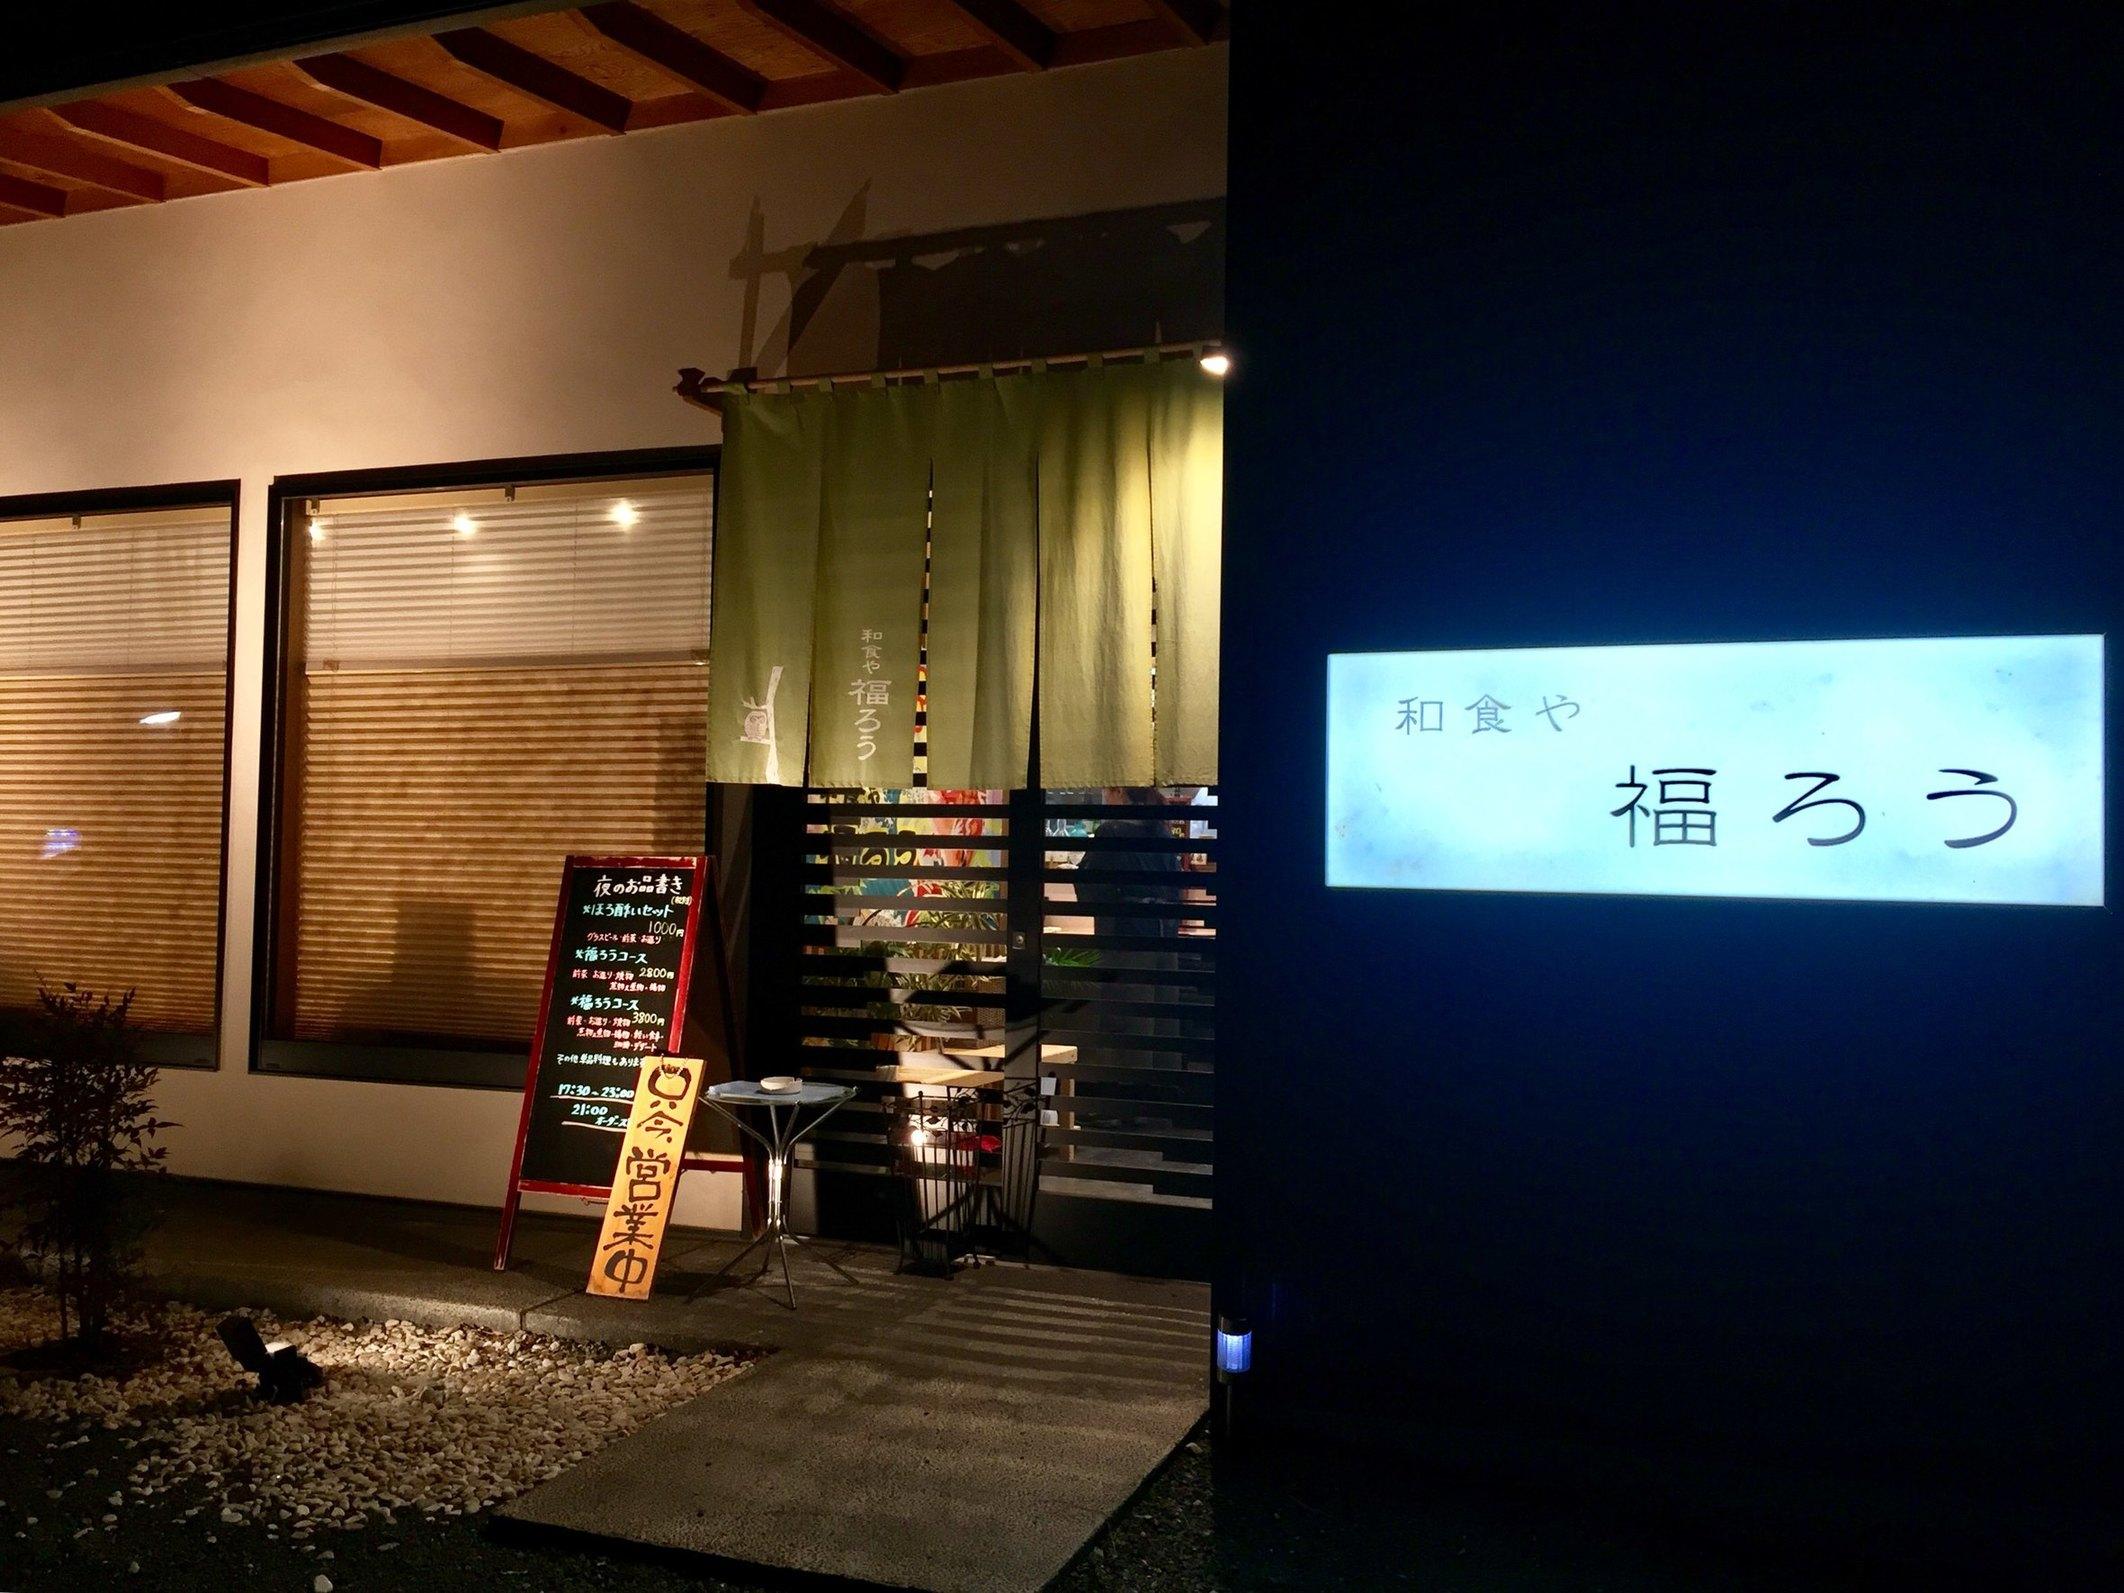 和食や 福ろう name=